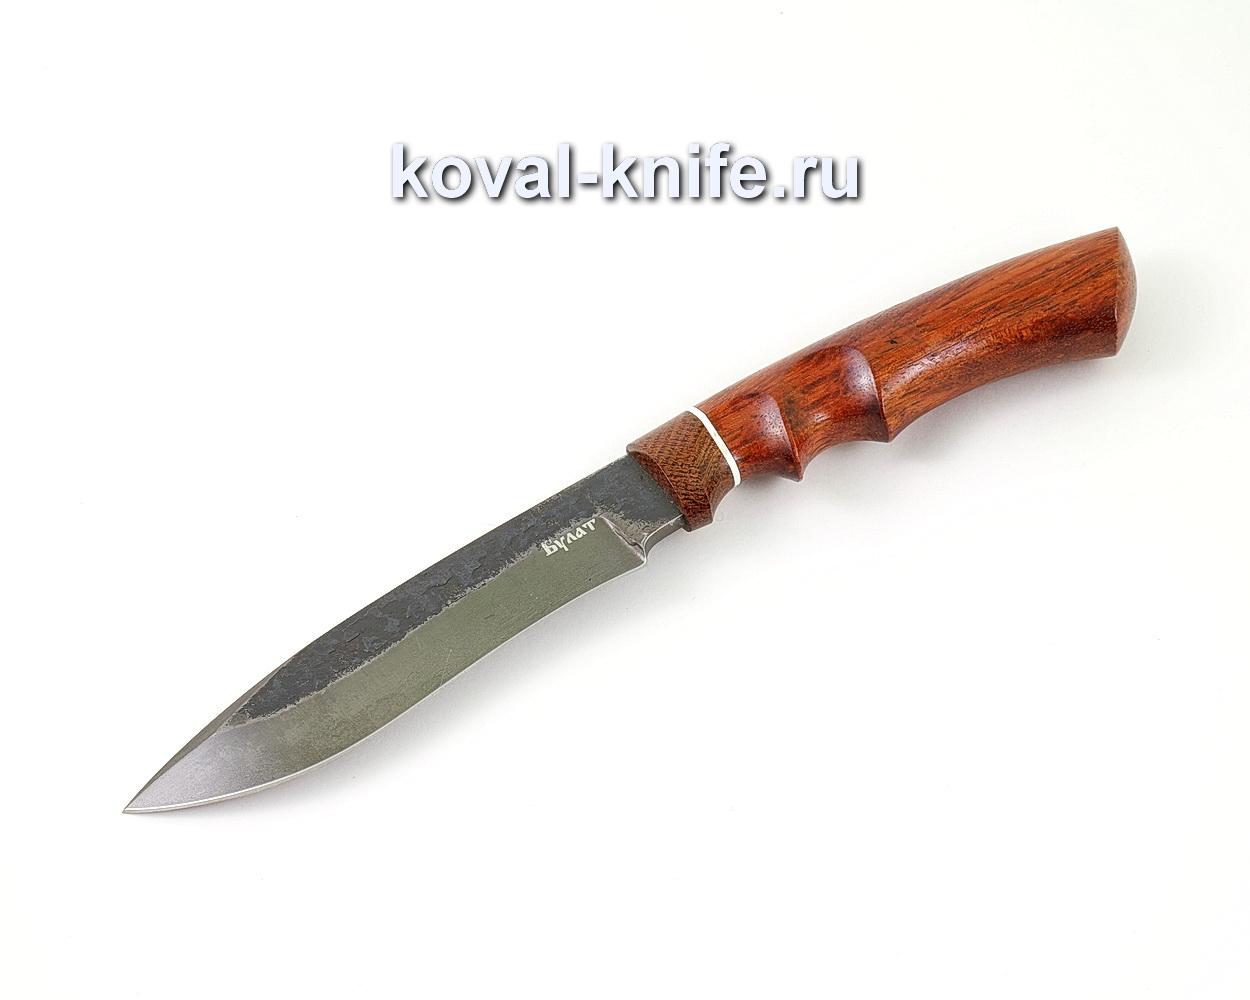 Нож из булатной стали Орлан (Легированный булат, рукоять бубинга, текстолит) A463